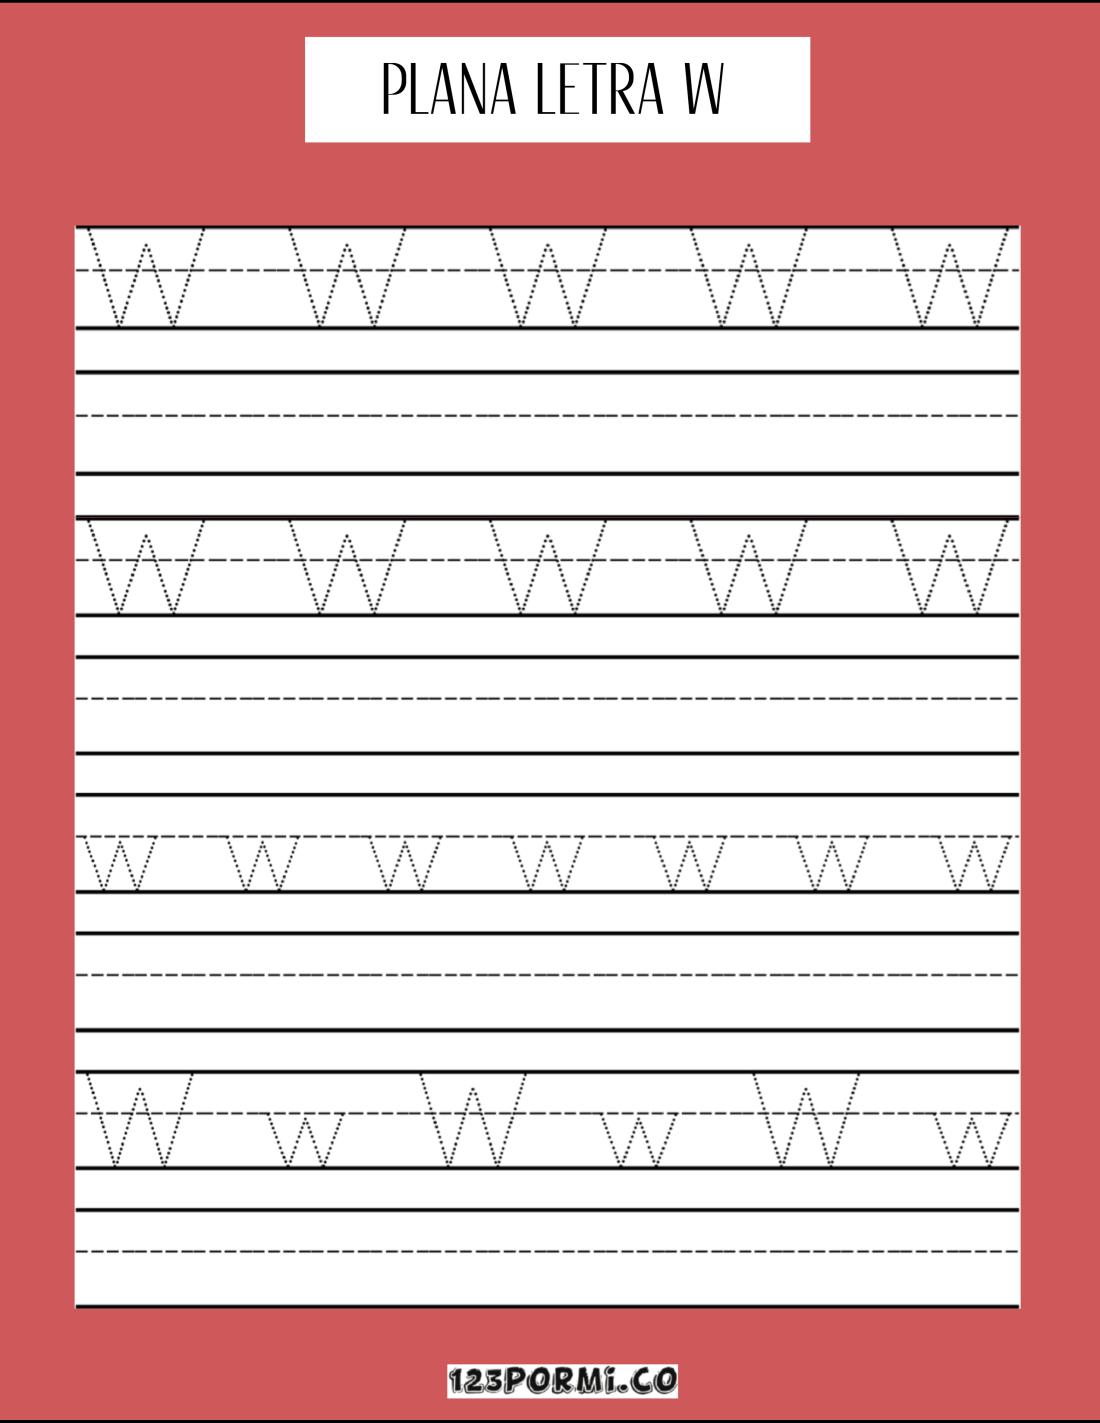 Plana letra w_Mesa de trabajo 1